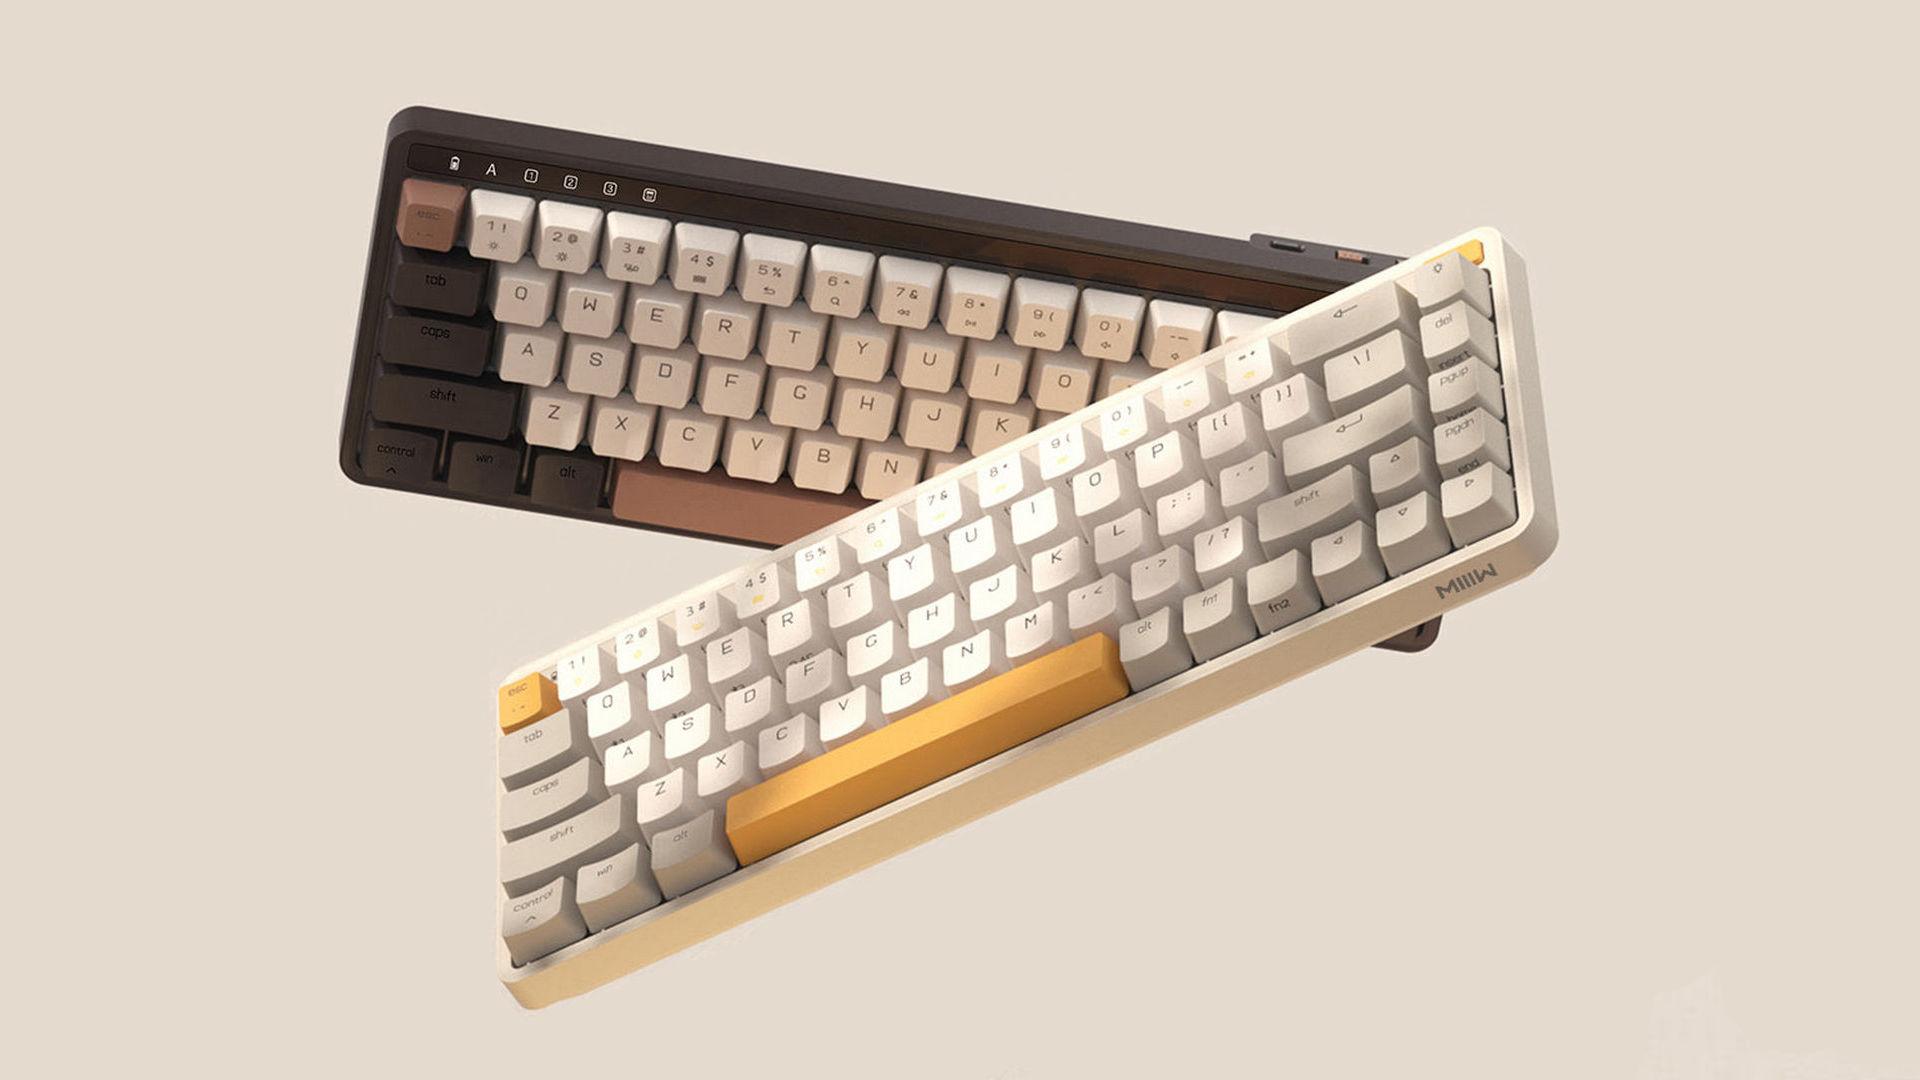 Tastiera meccanica Xiaomi MIIIW ART | AliExpress